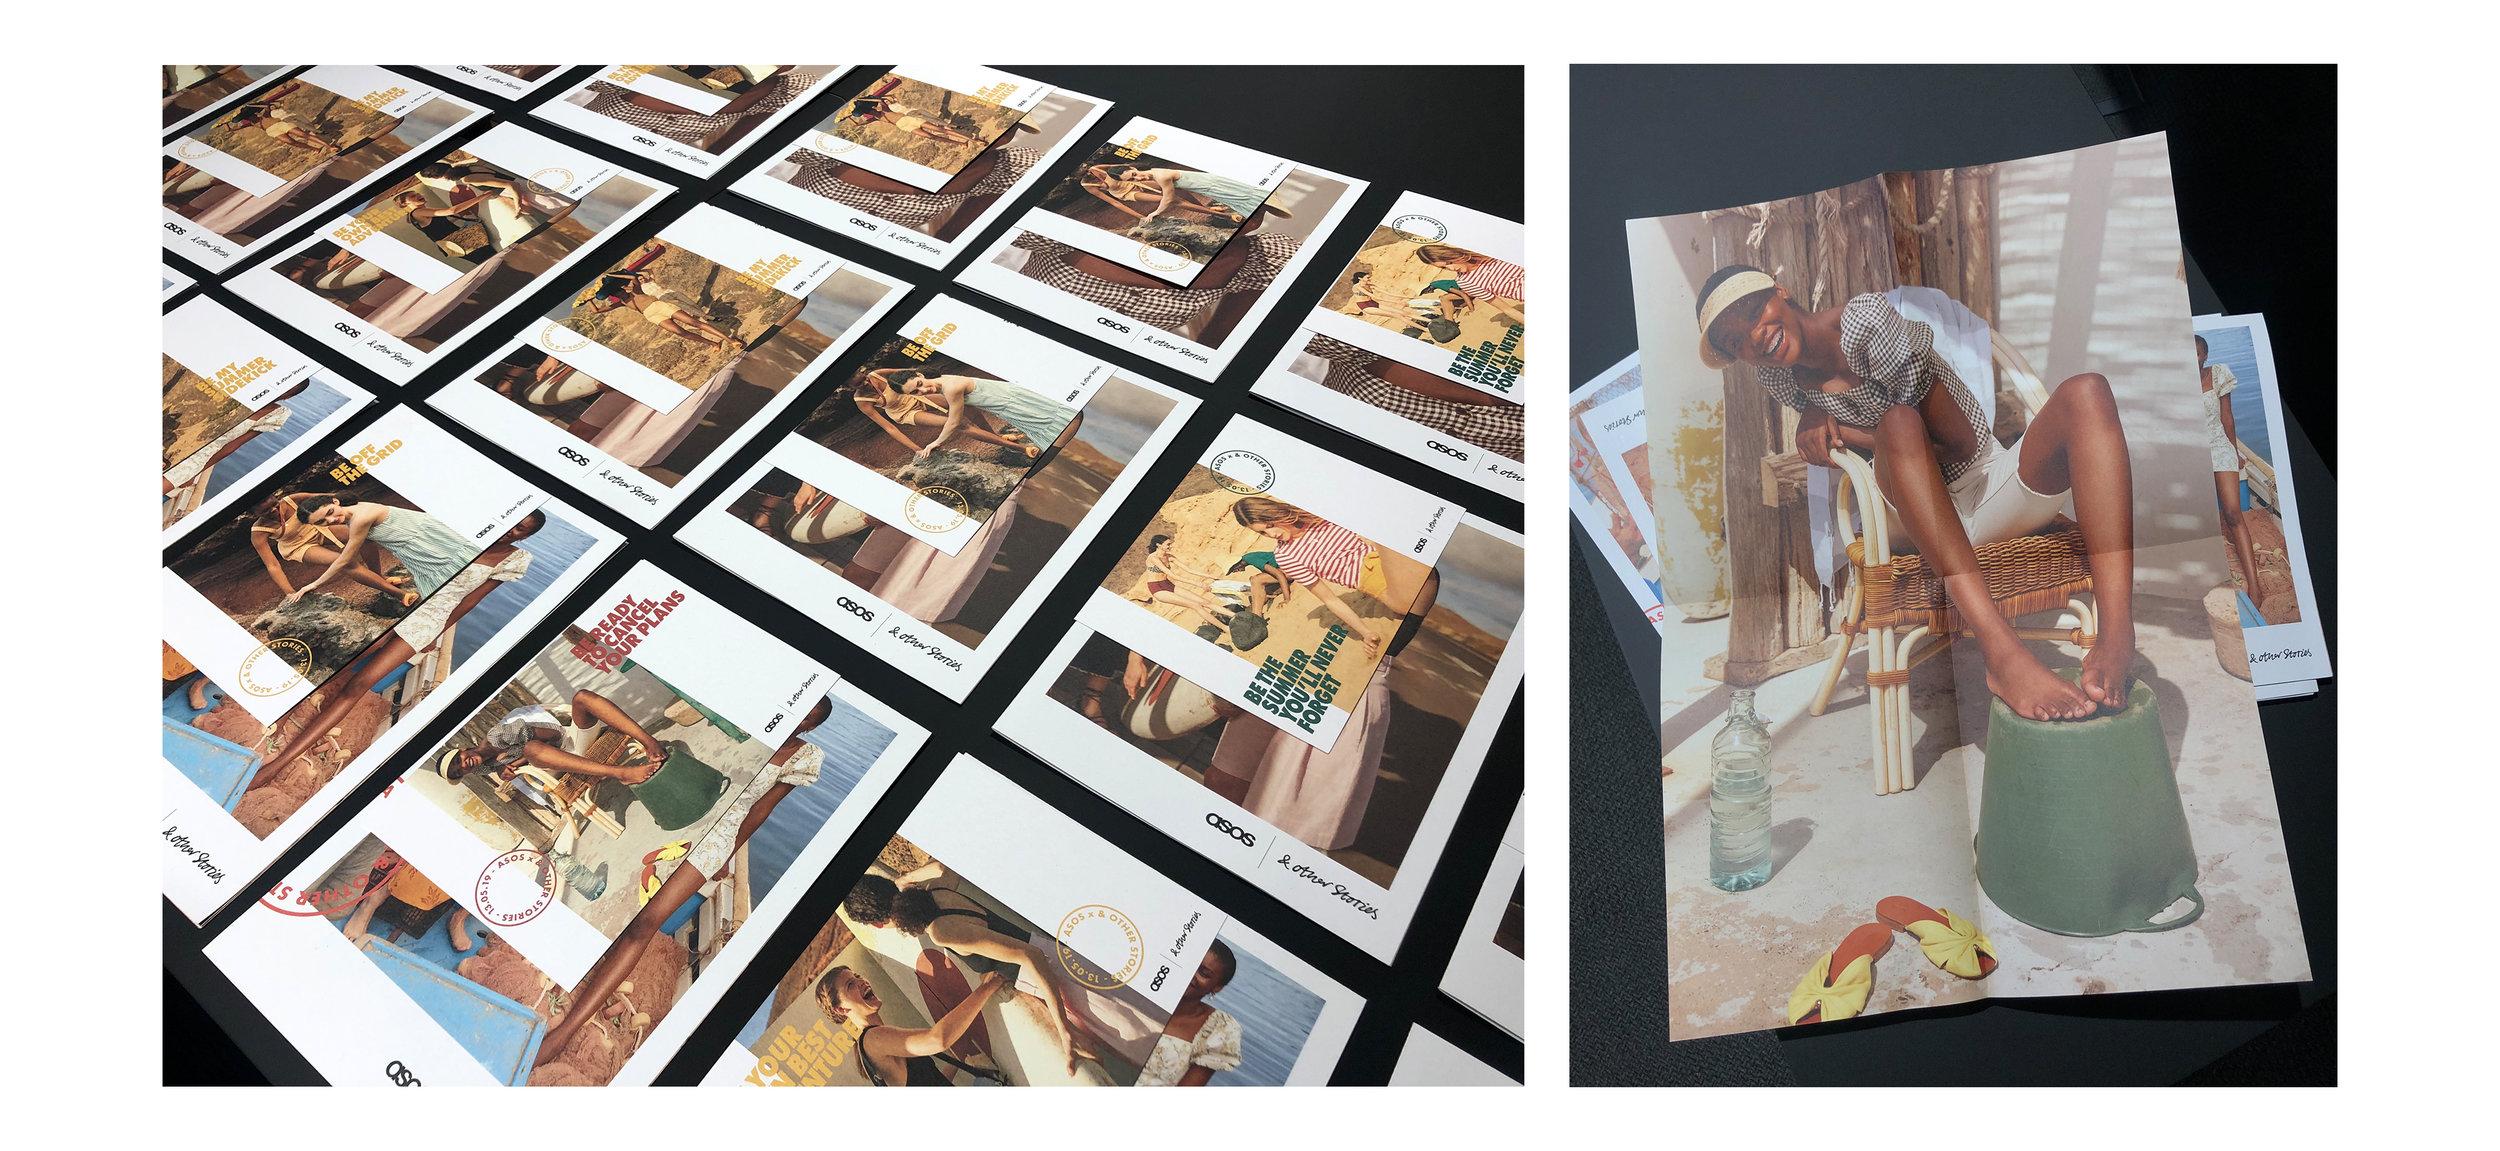 printed_material.jpg